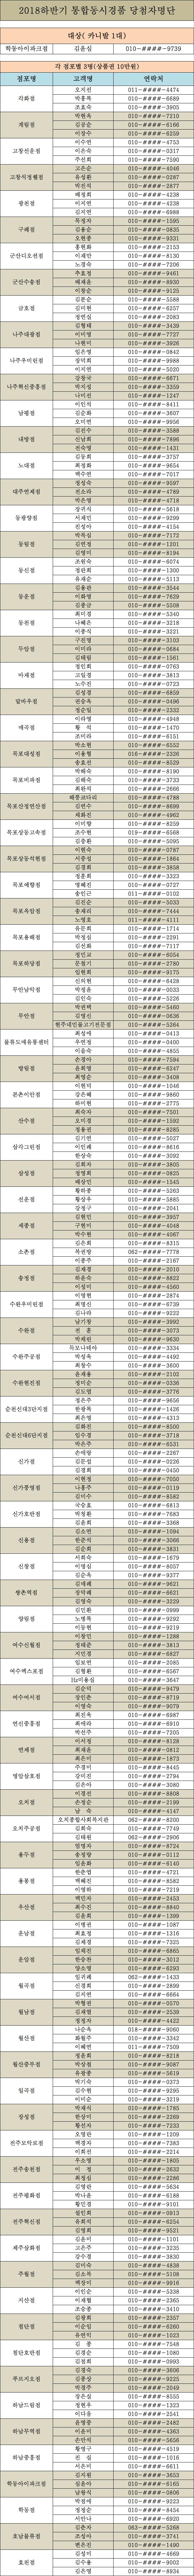 2018하반기_통합경품_당첨자명단.jpg